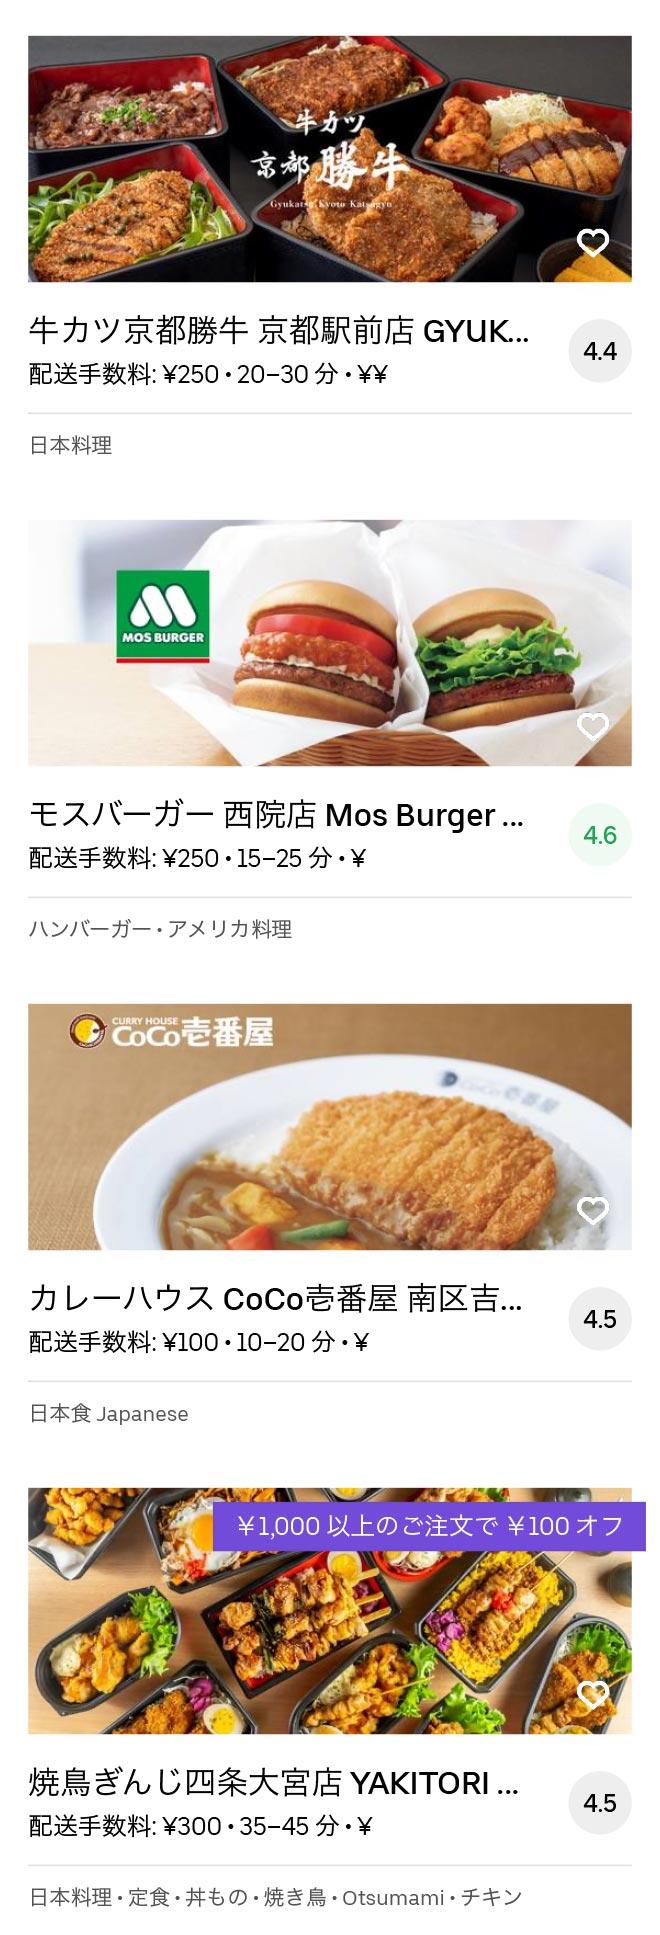 Kyoto nishioji menu 2005 02